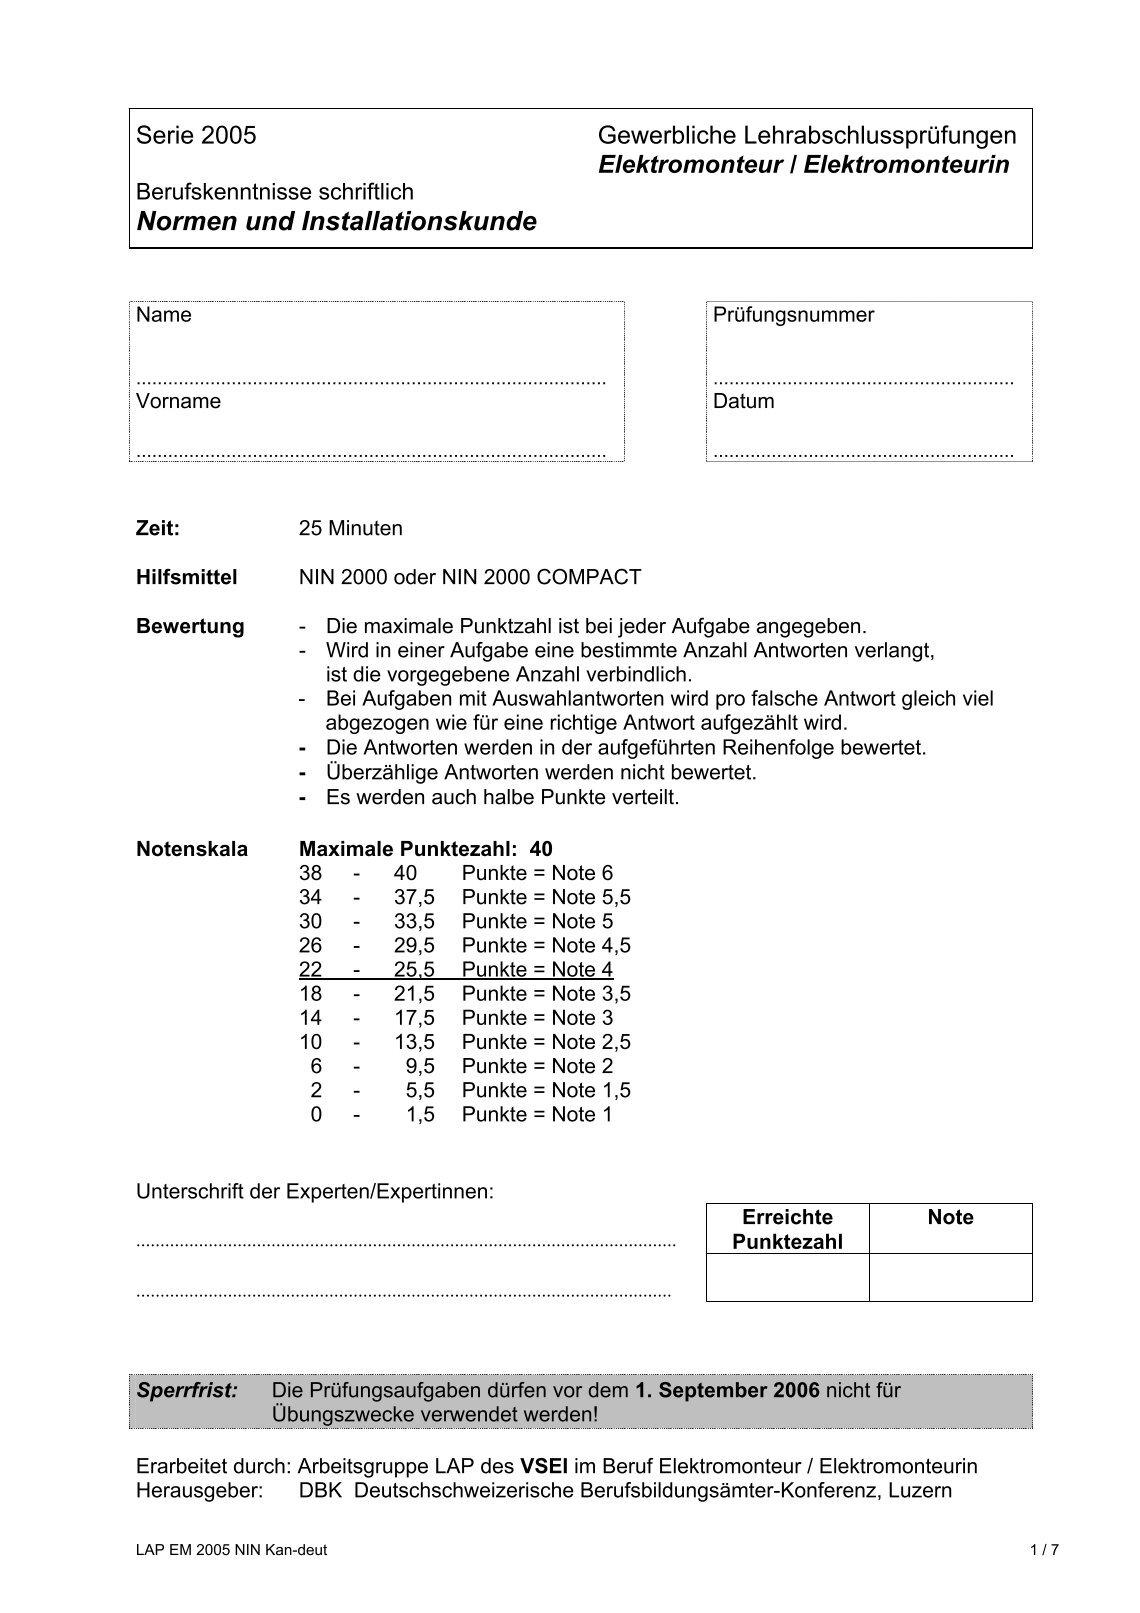 Ausgezeichnet Schaltplan Der Pilotbremssteuerung Bilder ...